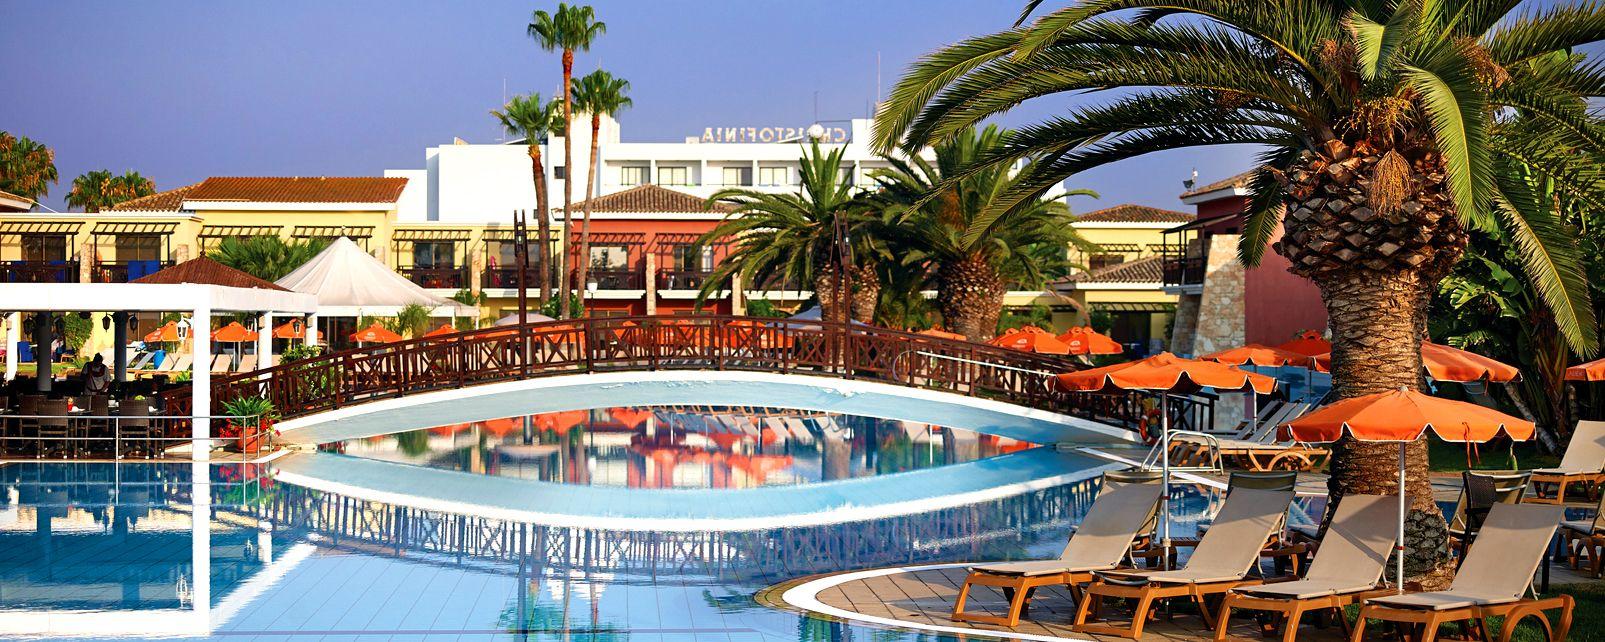 Hotel Atlantica Aenas Resort